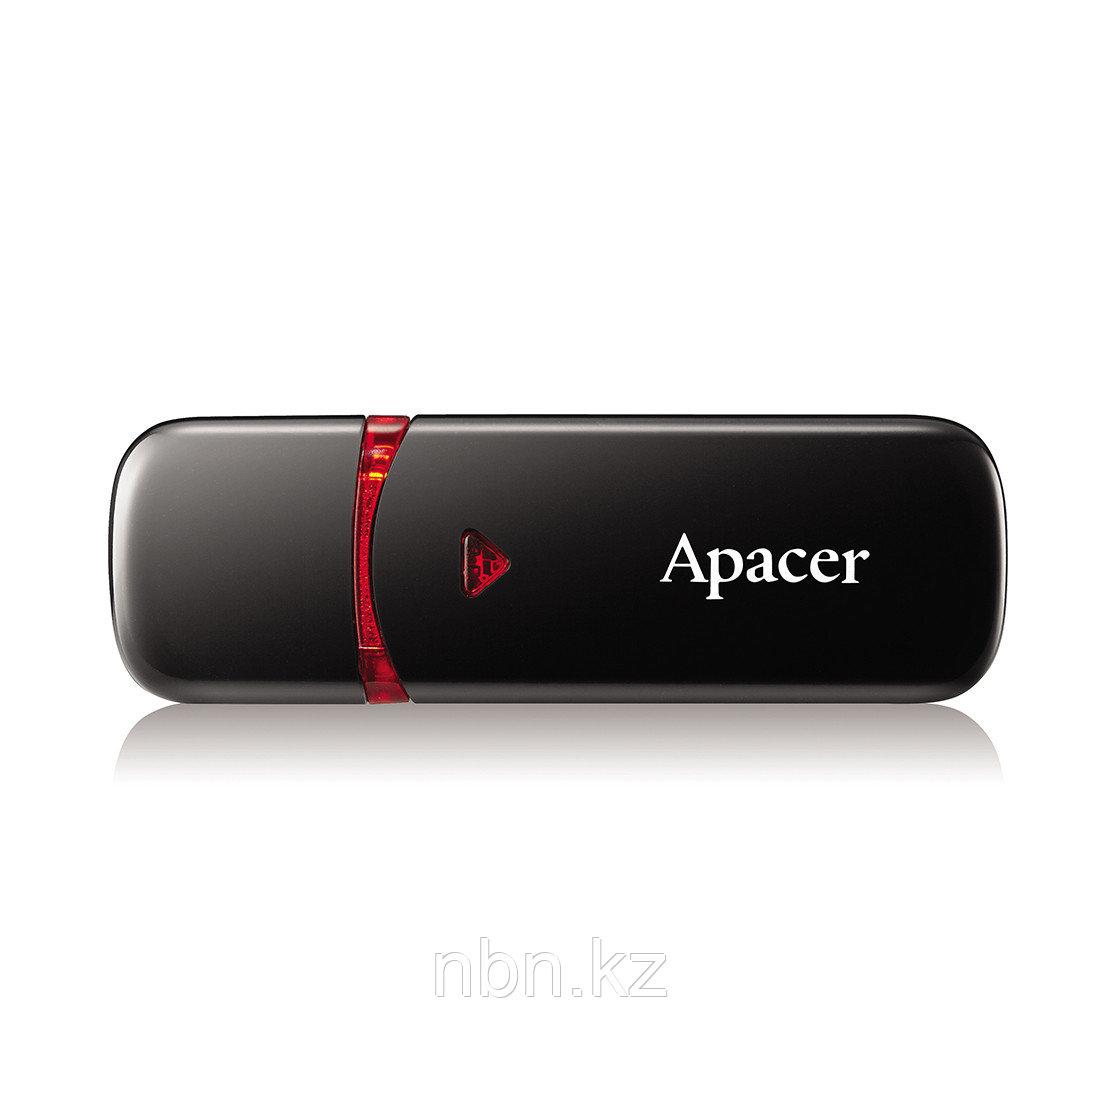 USB-накопитель Apacer AH333 32GB Чёрный - фото 1